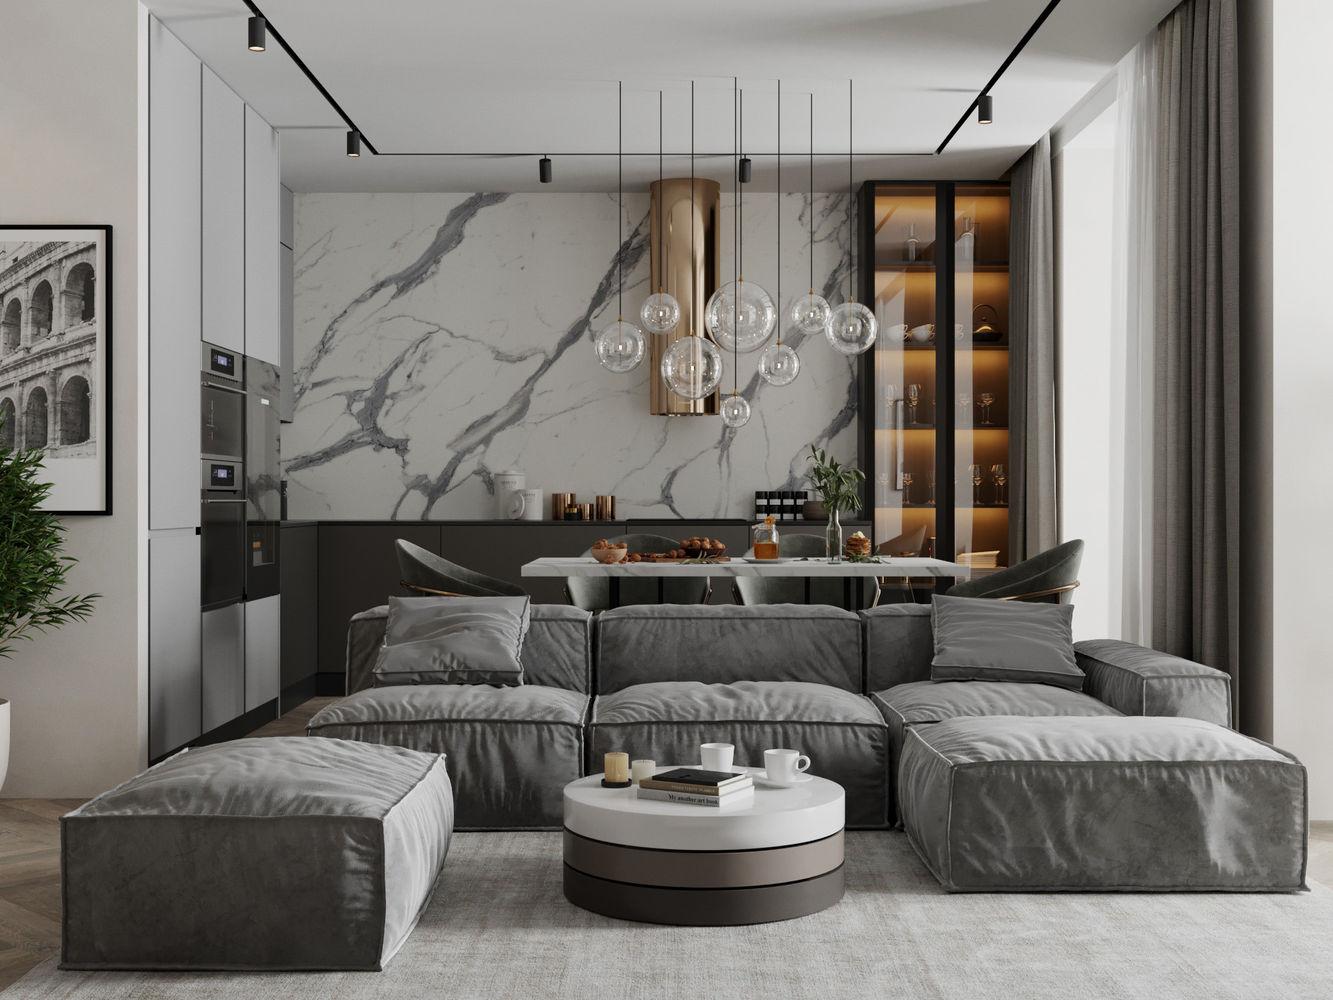 Дизайн интерьера квартиры 64 м2